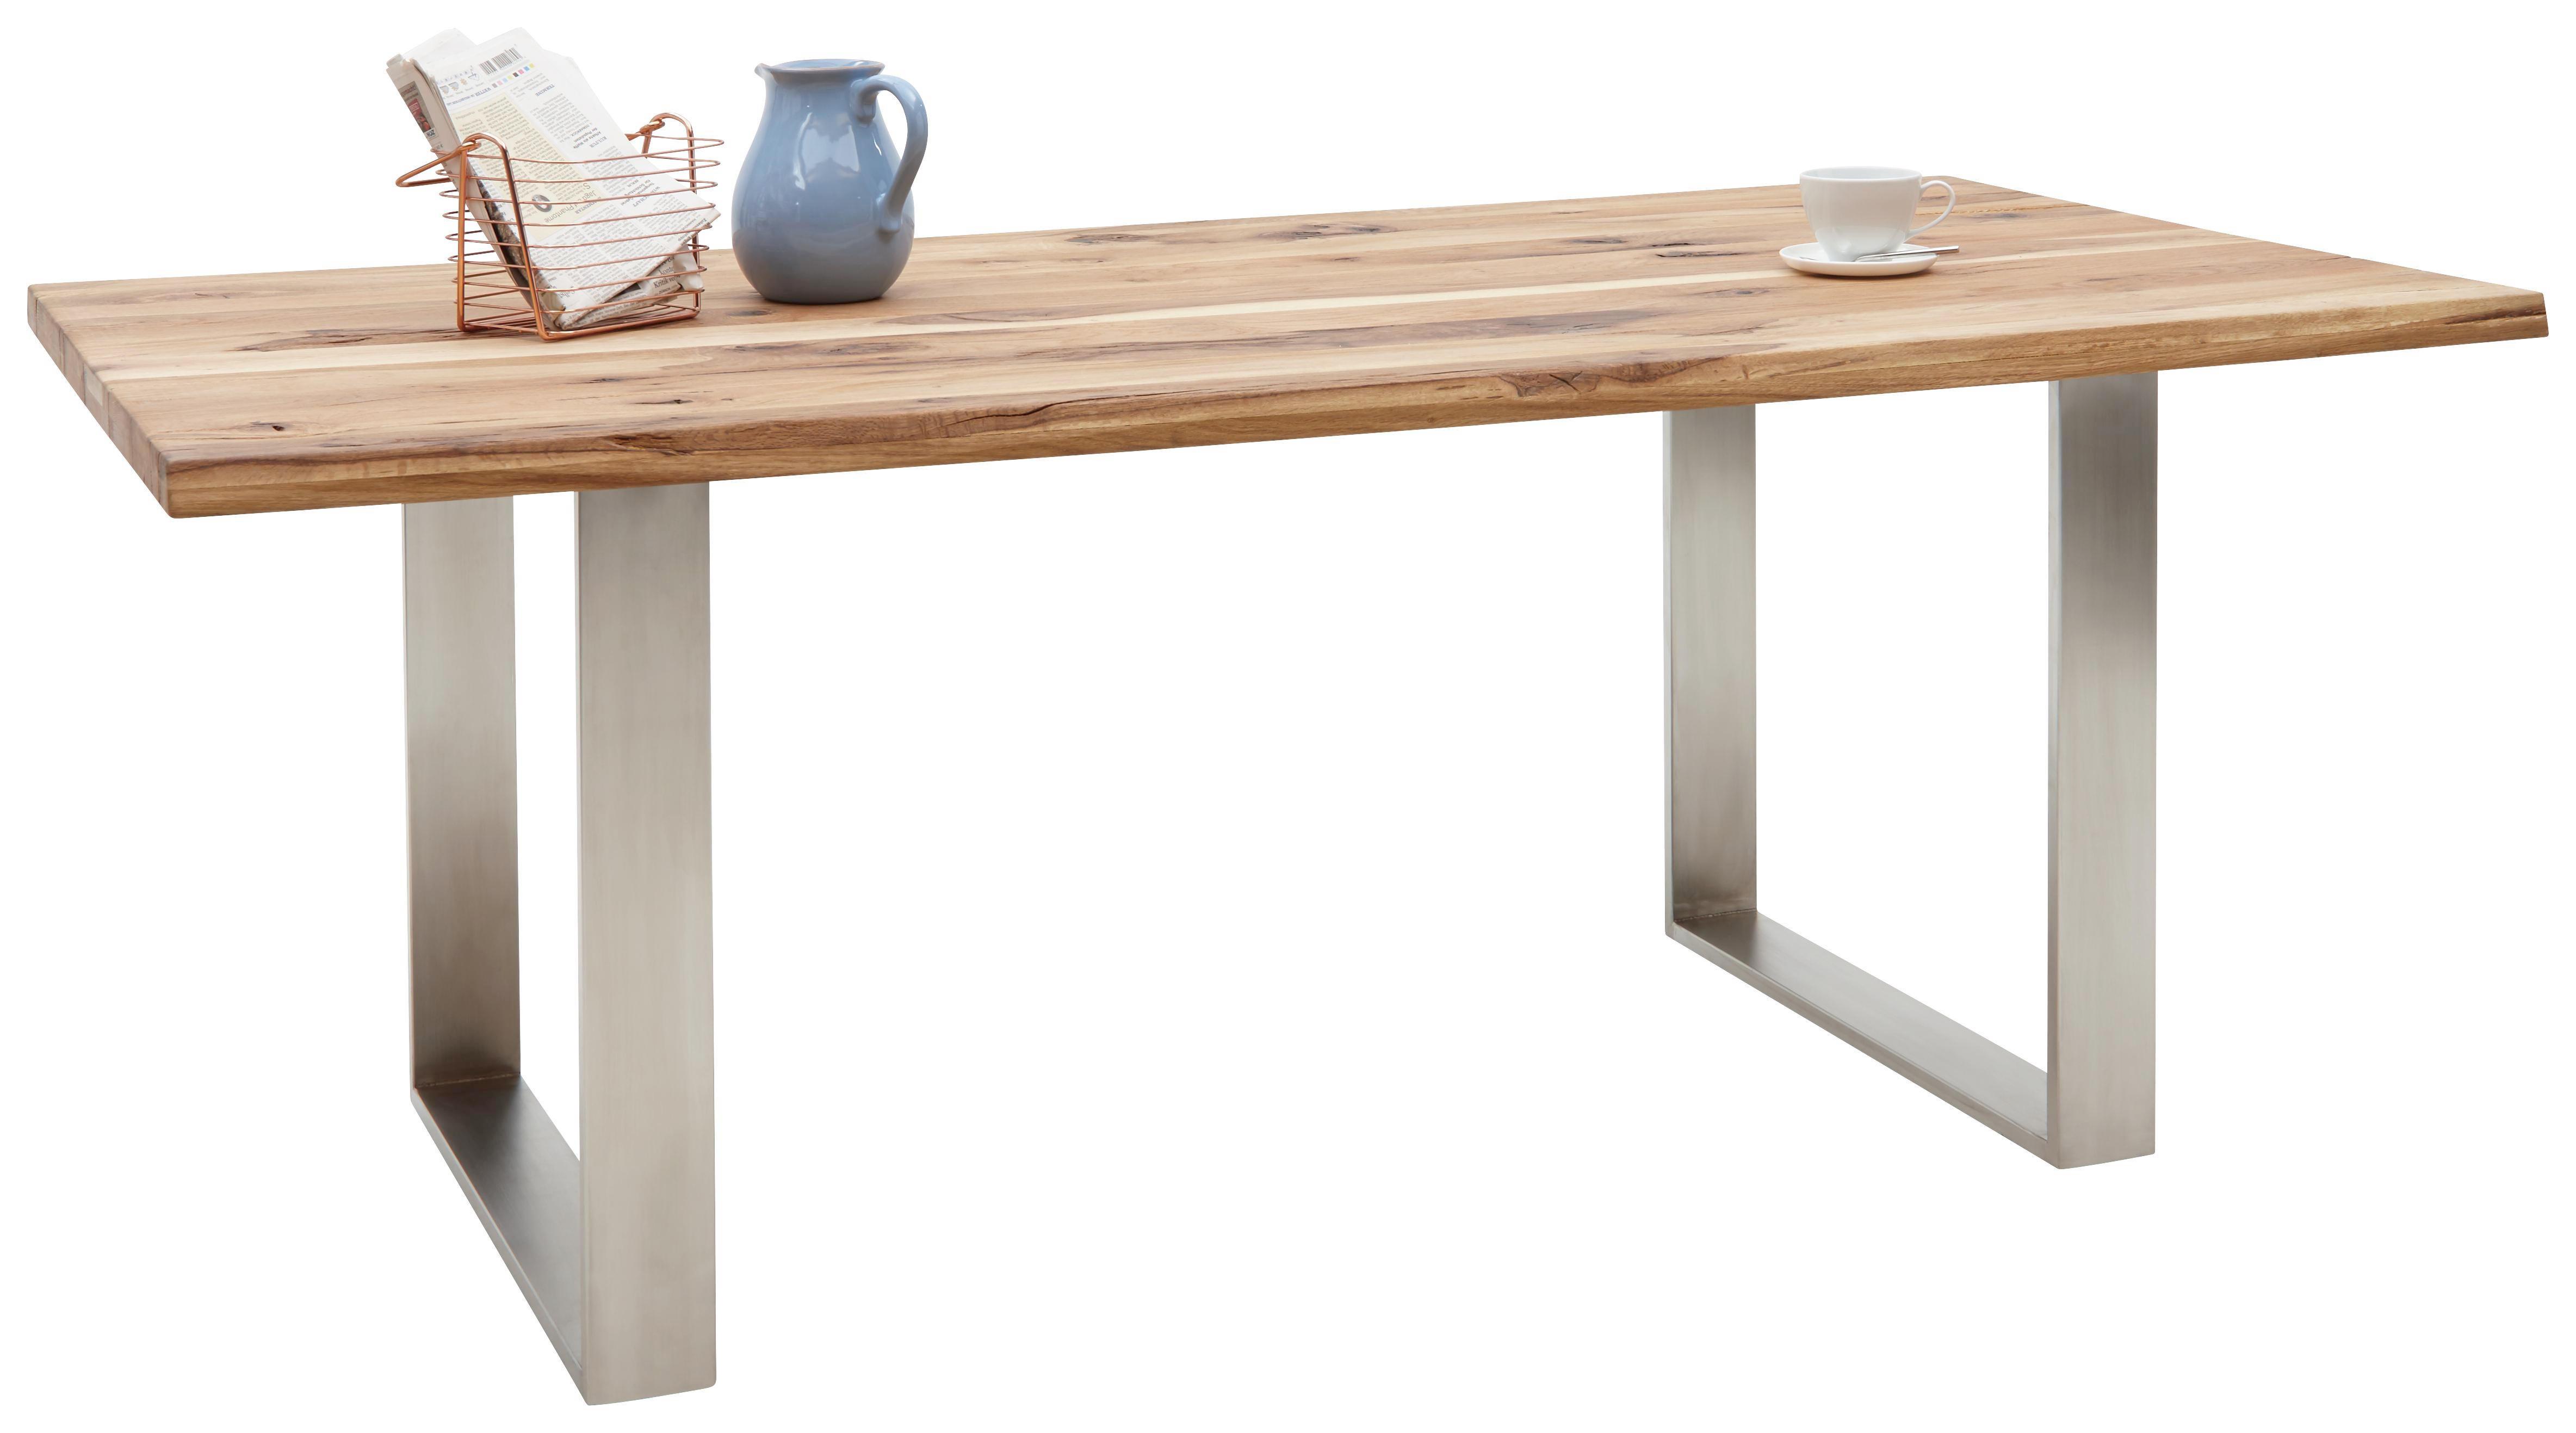 Esstisch eiche modern  Esstische & Tische | Holztische, Glastische & Ausziehtische